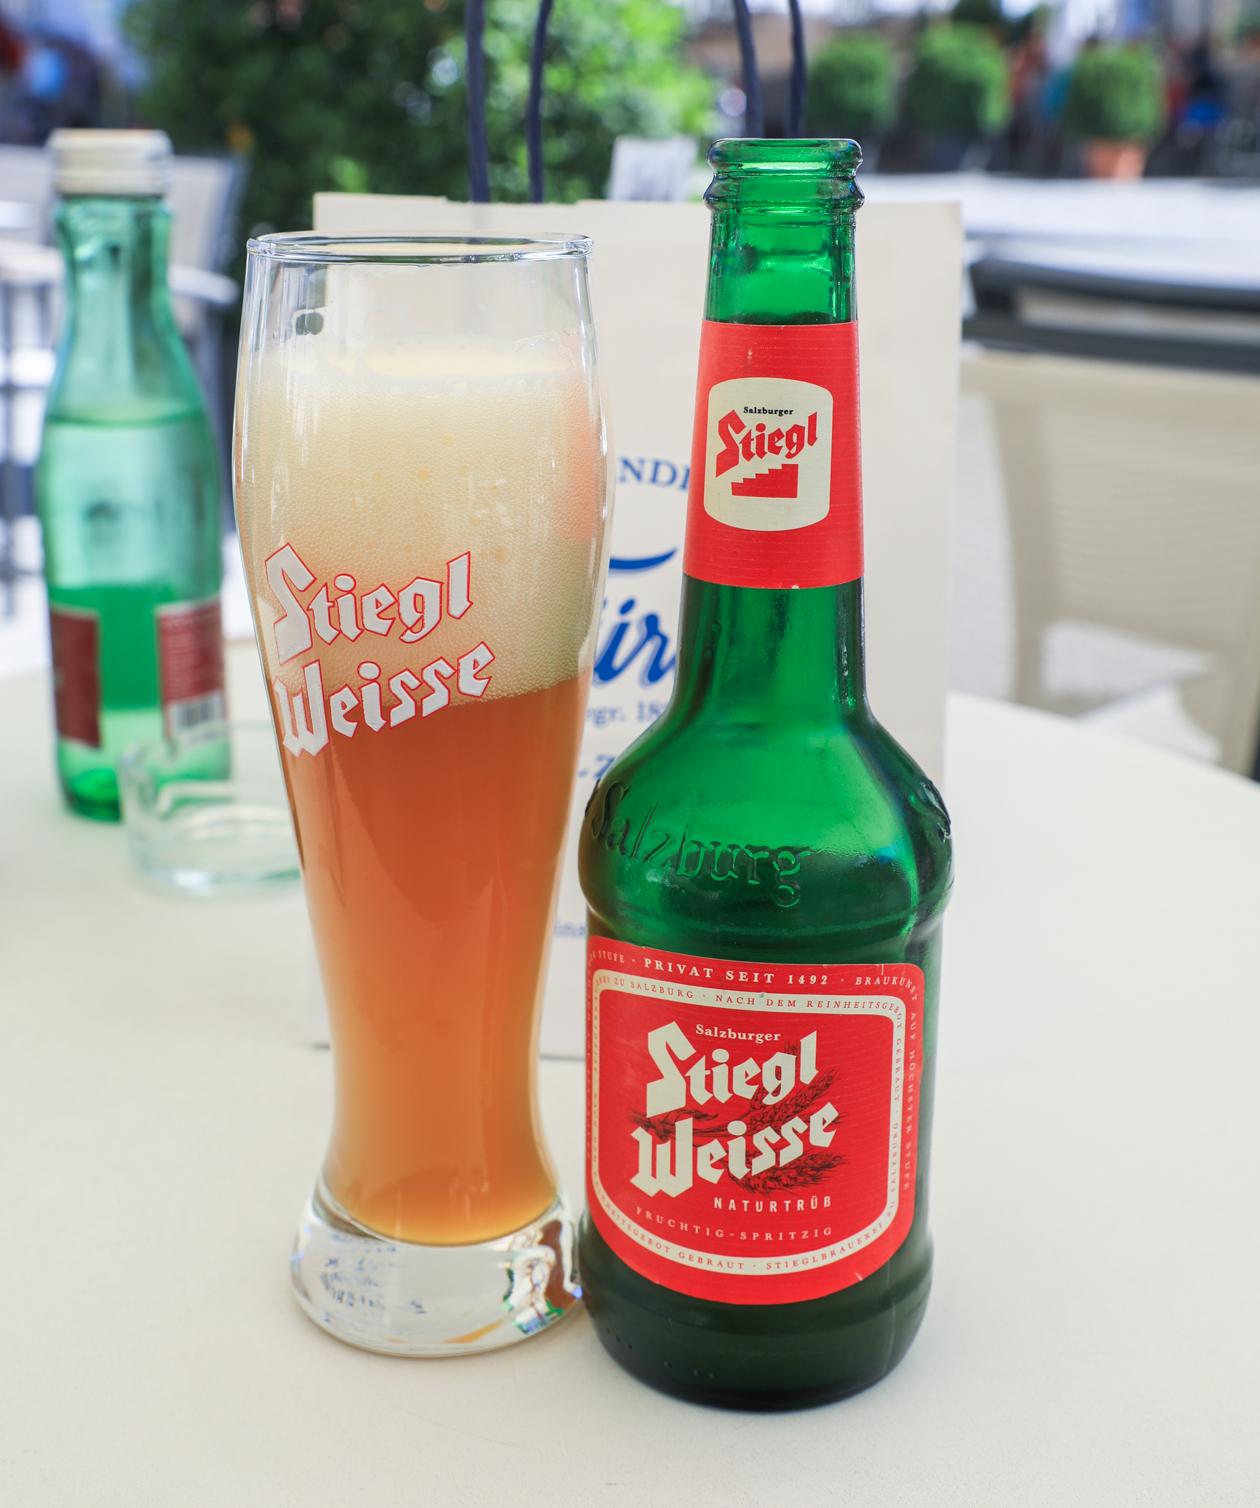 salzburg-stiegl-weisse